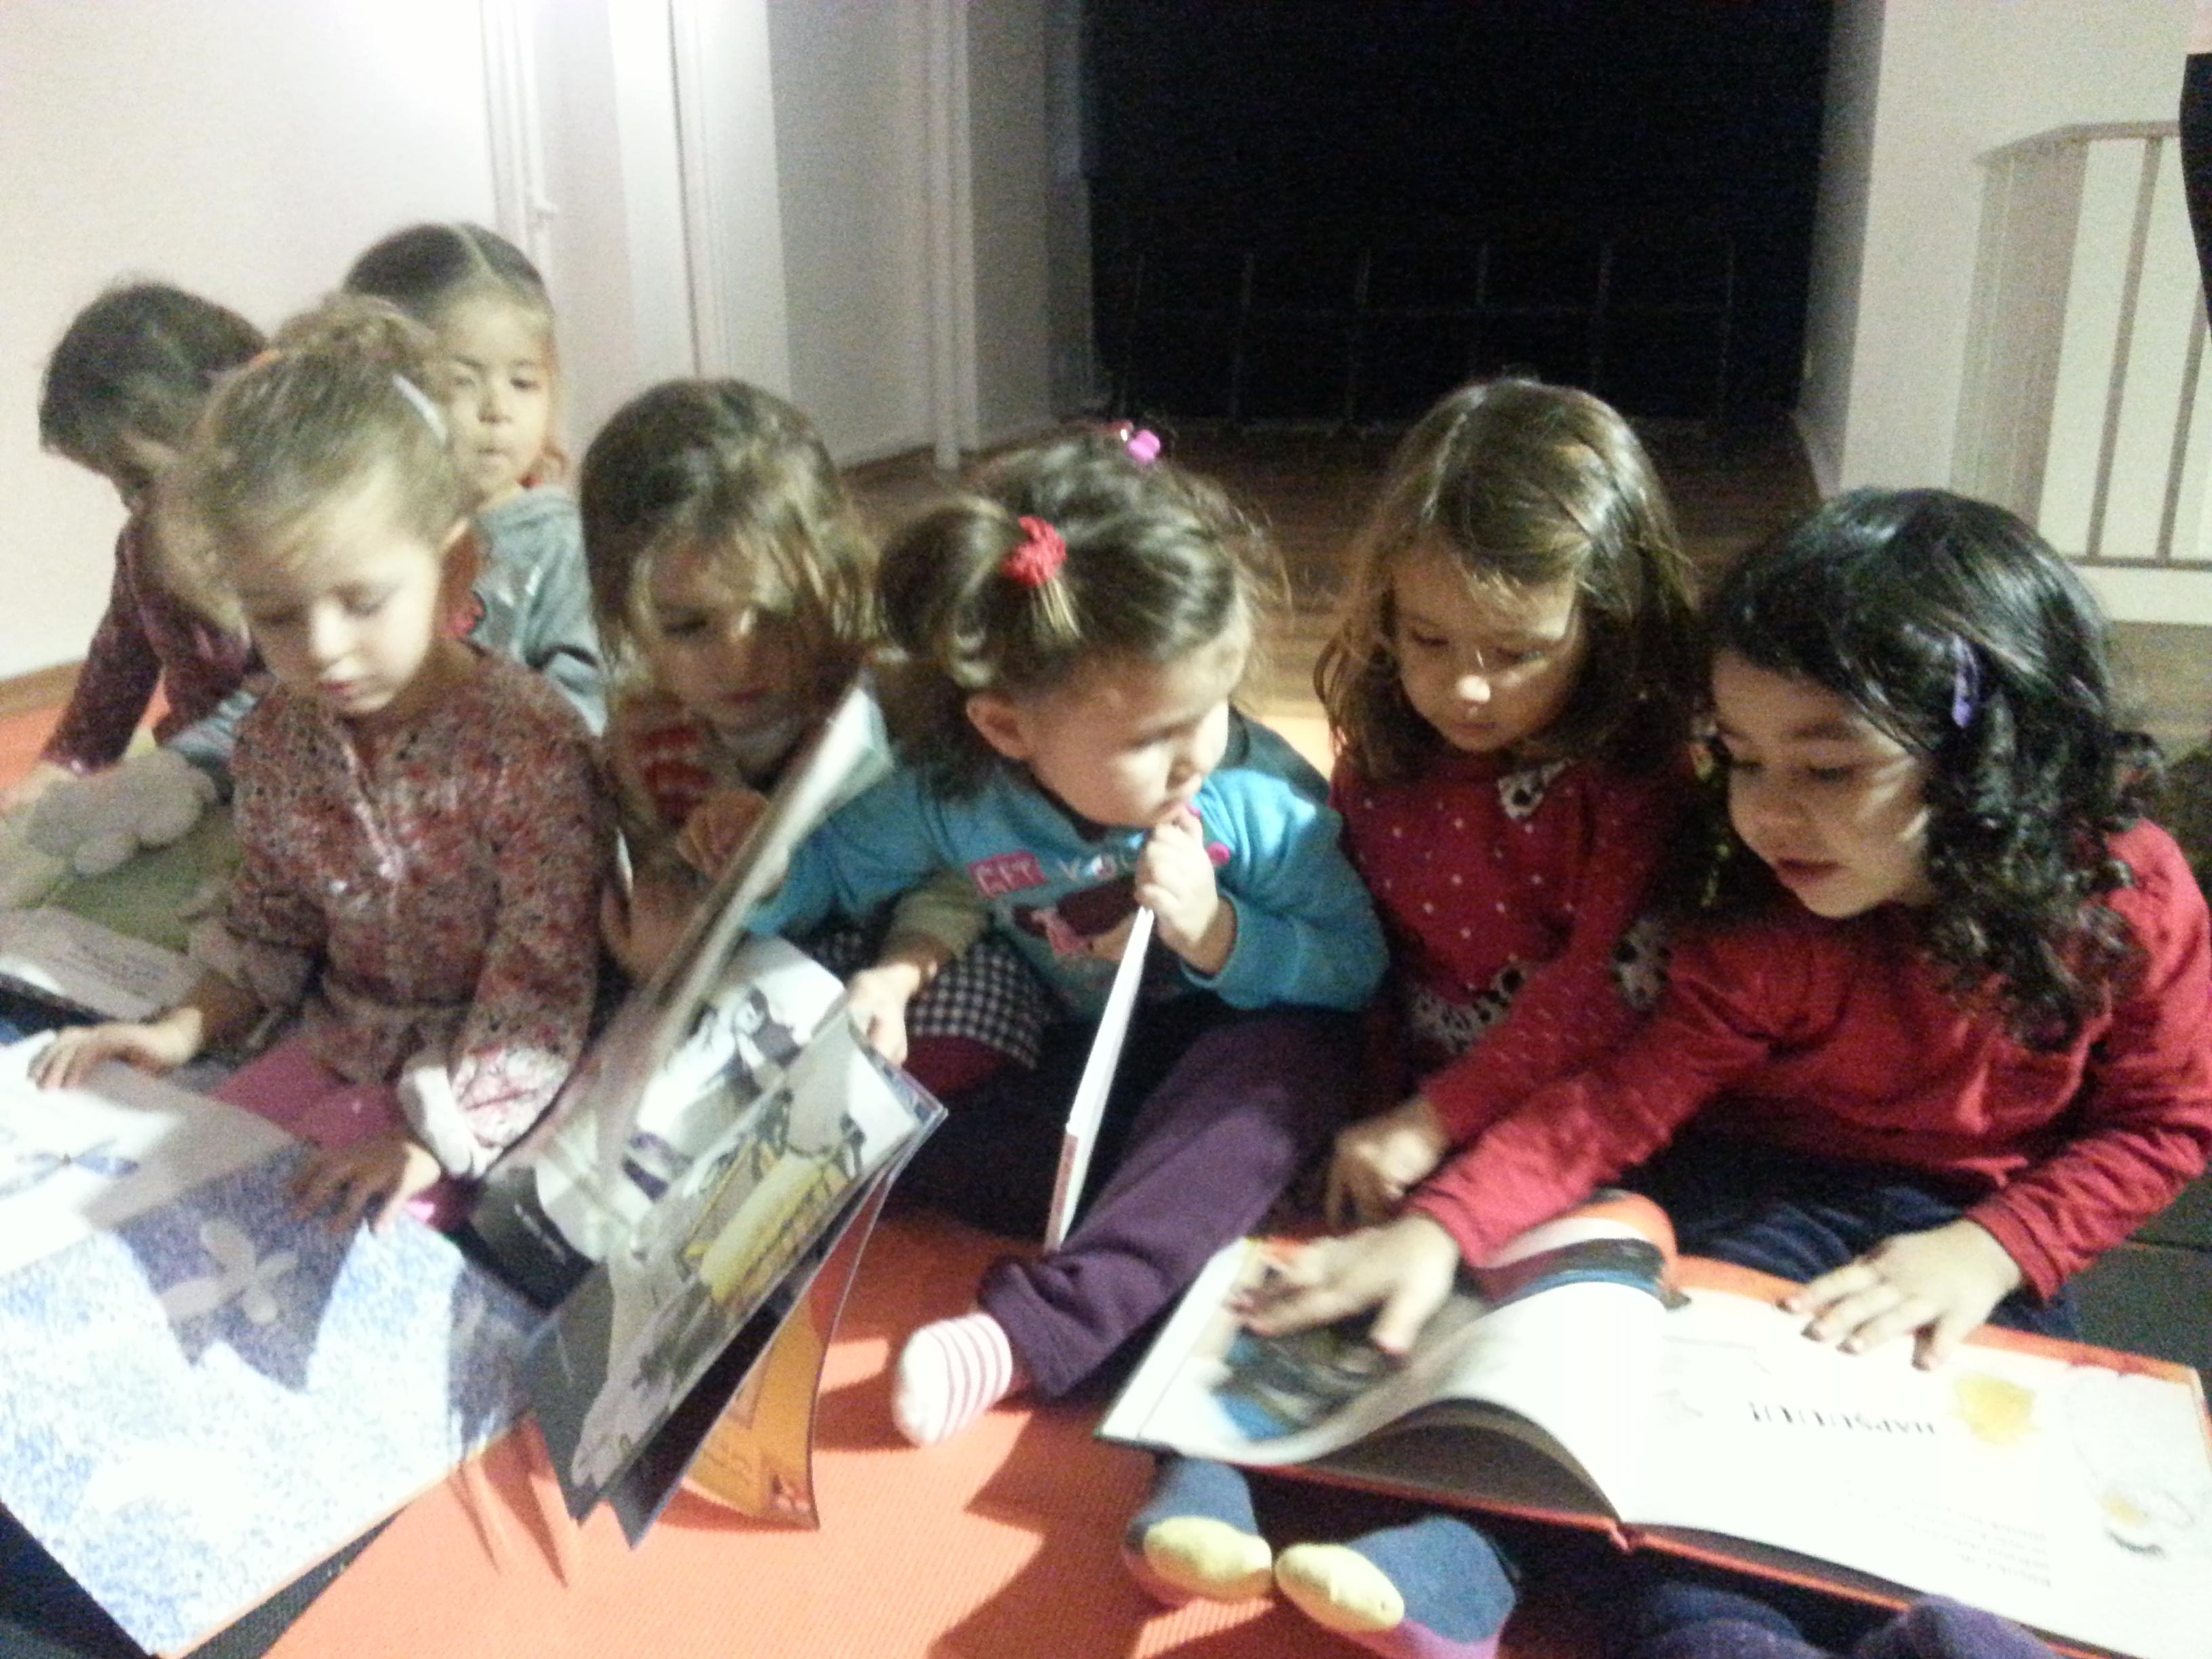 Çocuklar kitaplarını paylaşıp birlikte kitap okurken